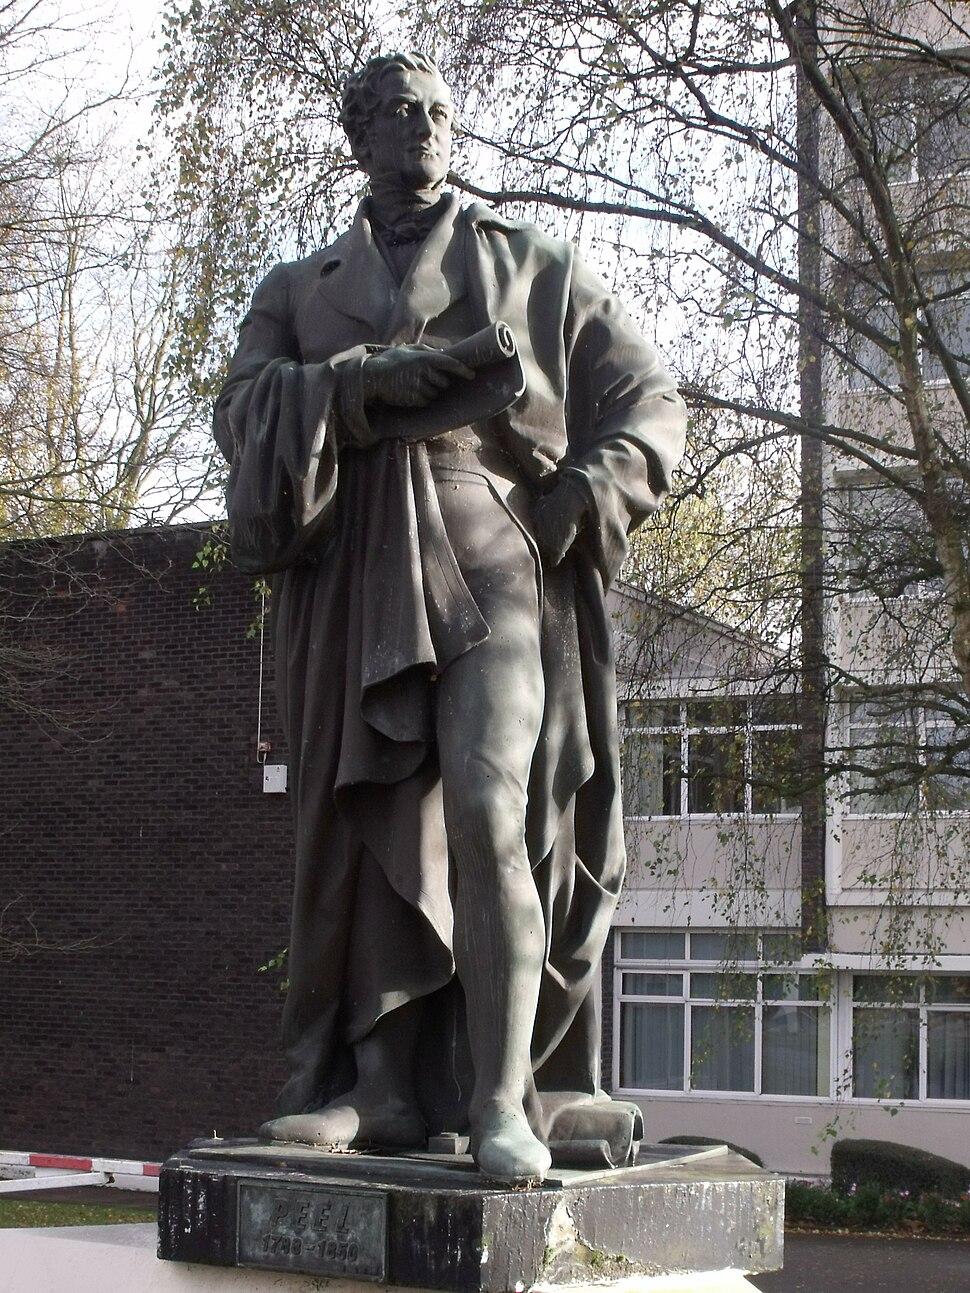 Statue of Robert Peel in Edgbaston, Birmingham